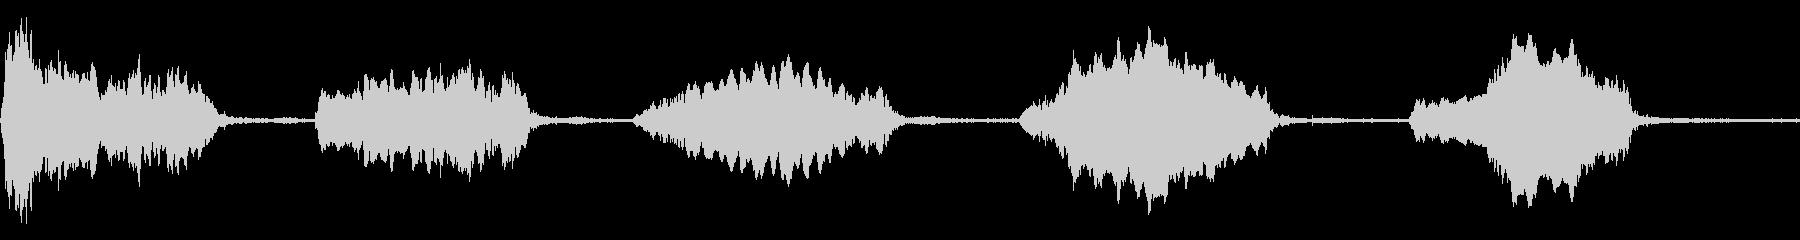 ウルフハウルシングルx5、鳥とケージの未再生の波形